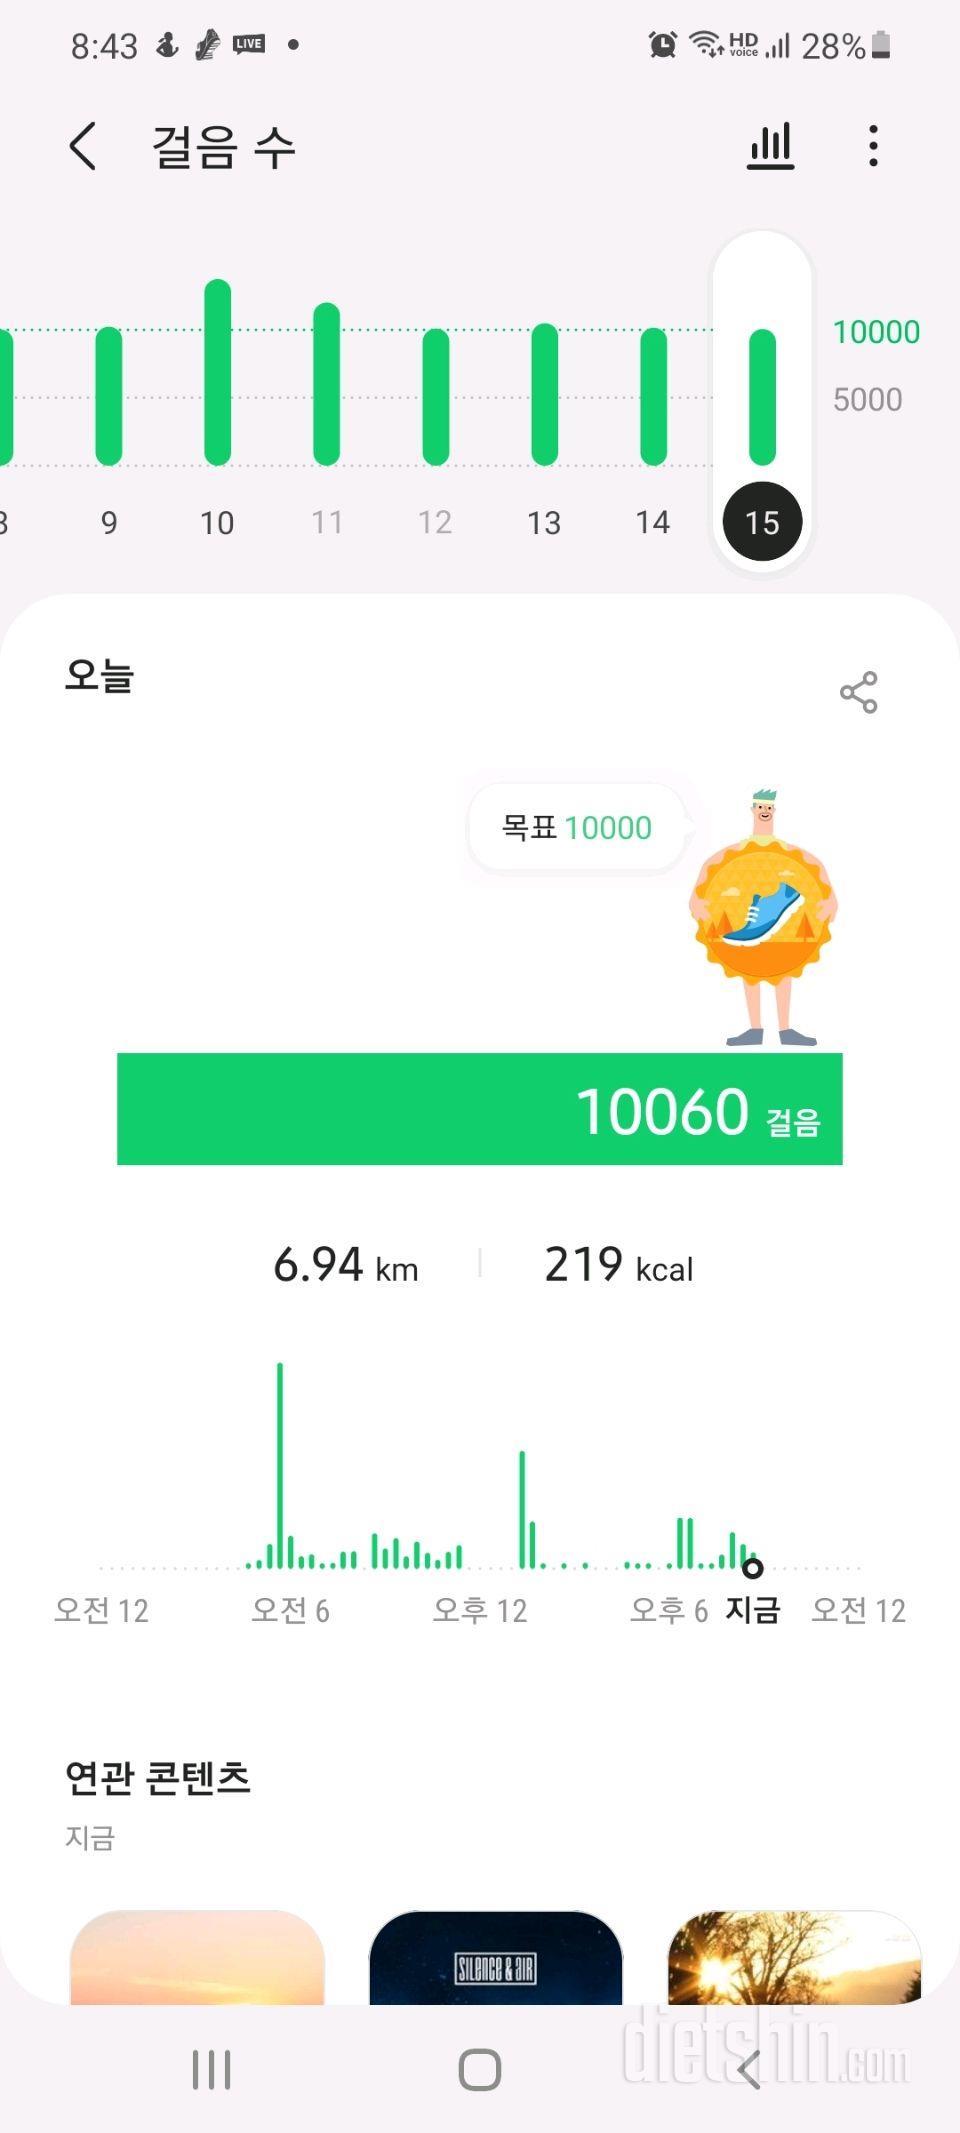 30일 하루 2L 물마시기 89일차 성공!